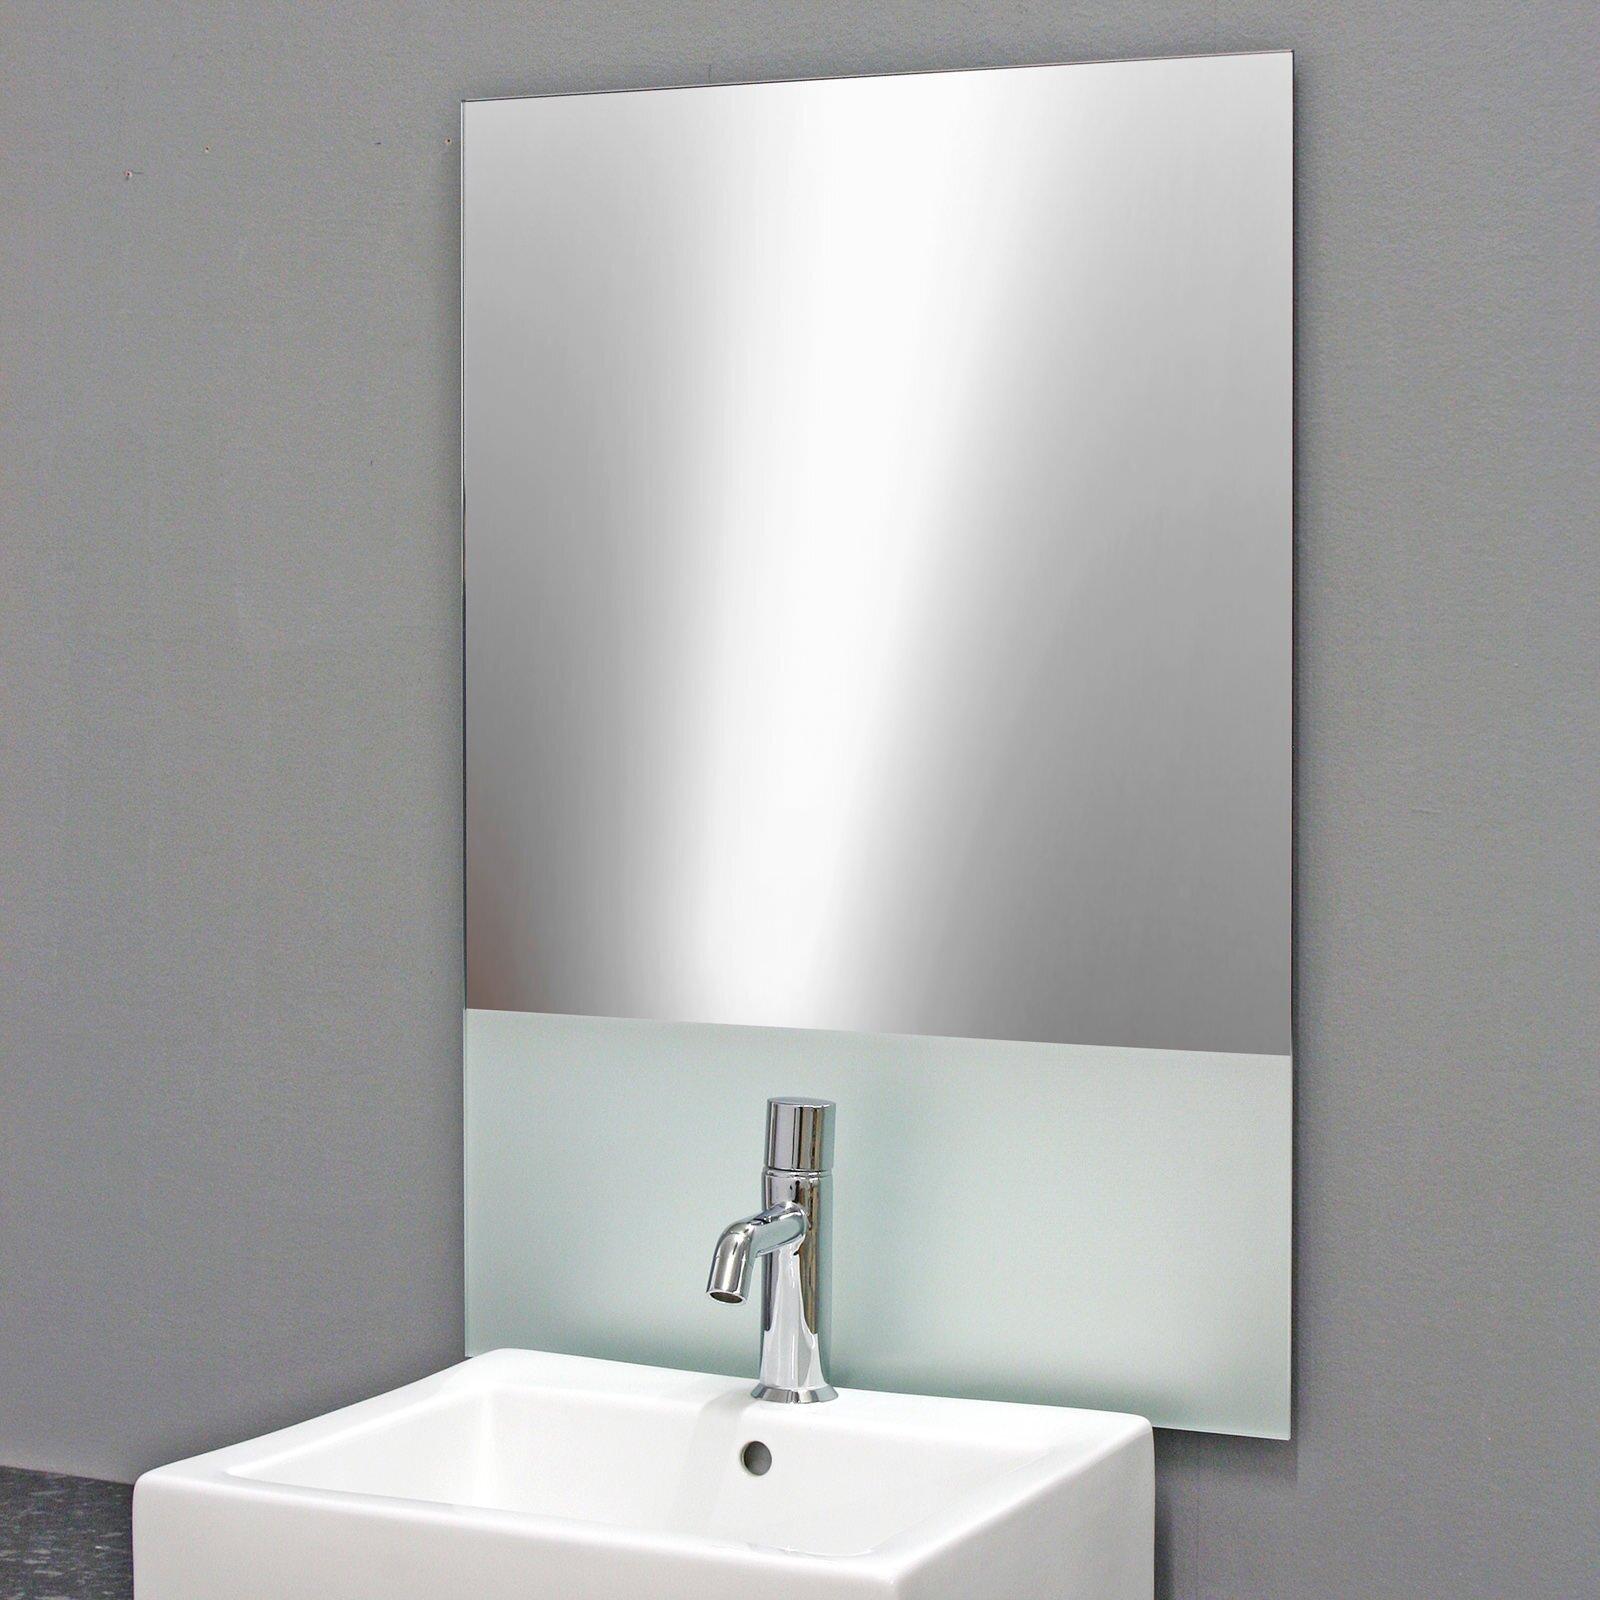 badezimmerspiegel scudo design badspiegel mit satiniert 109 00. Black Bedroom Furniture Sets. Home Design Ideas